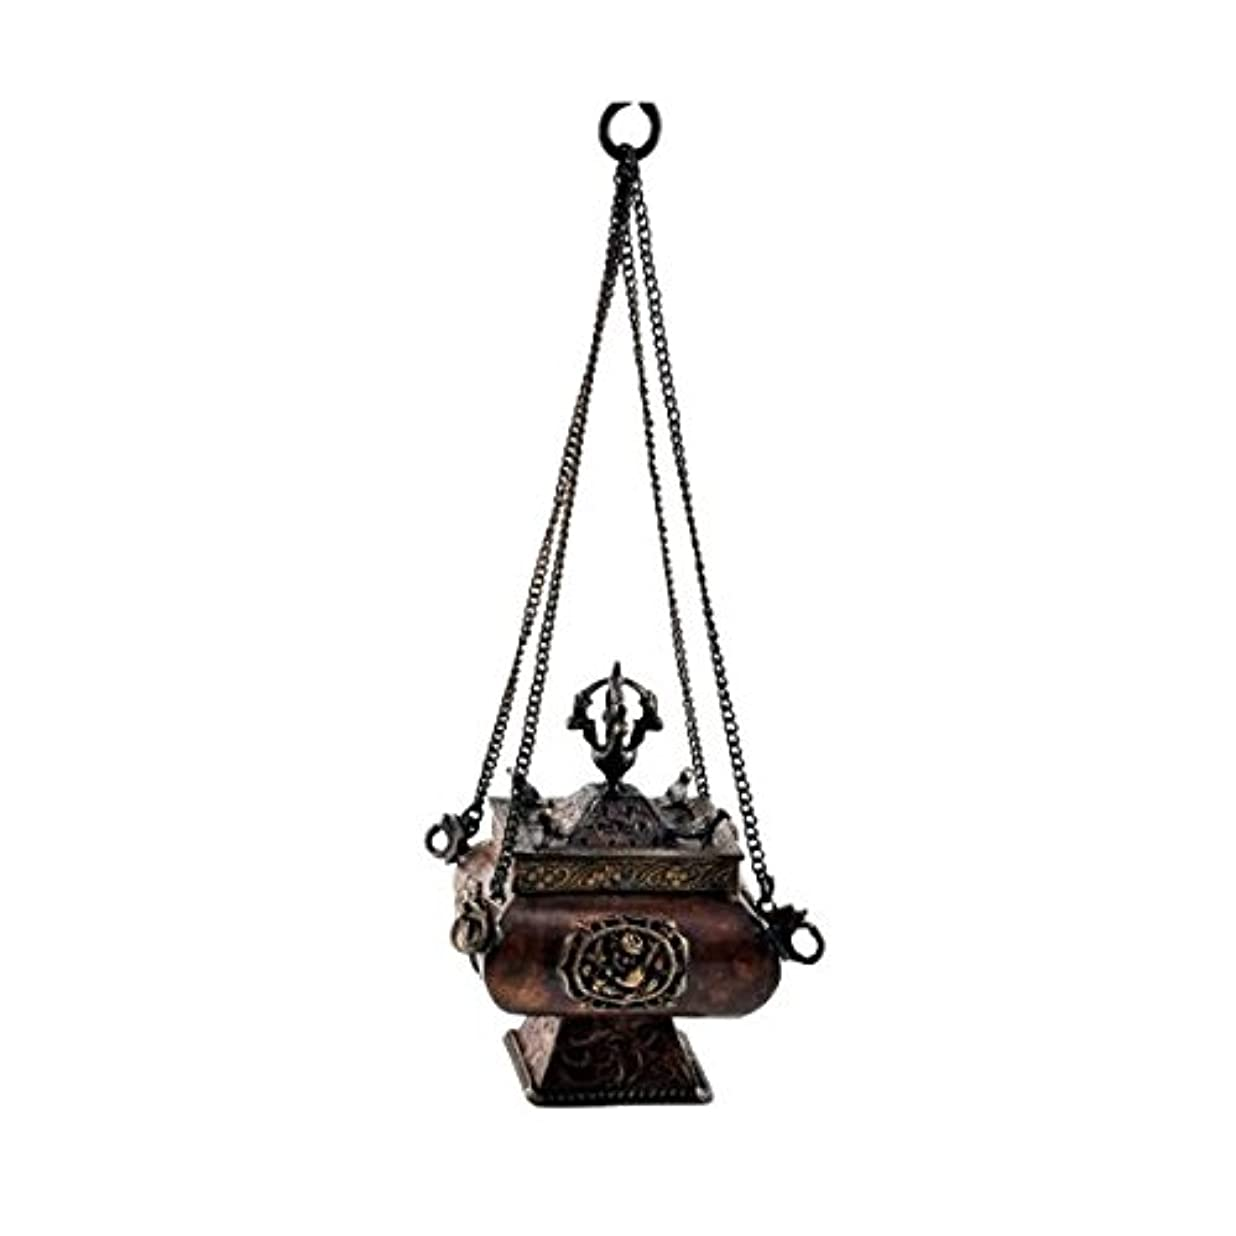 プレミアム品質銅真鍮Hanging Incense Burner Incense Burner